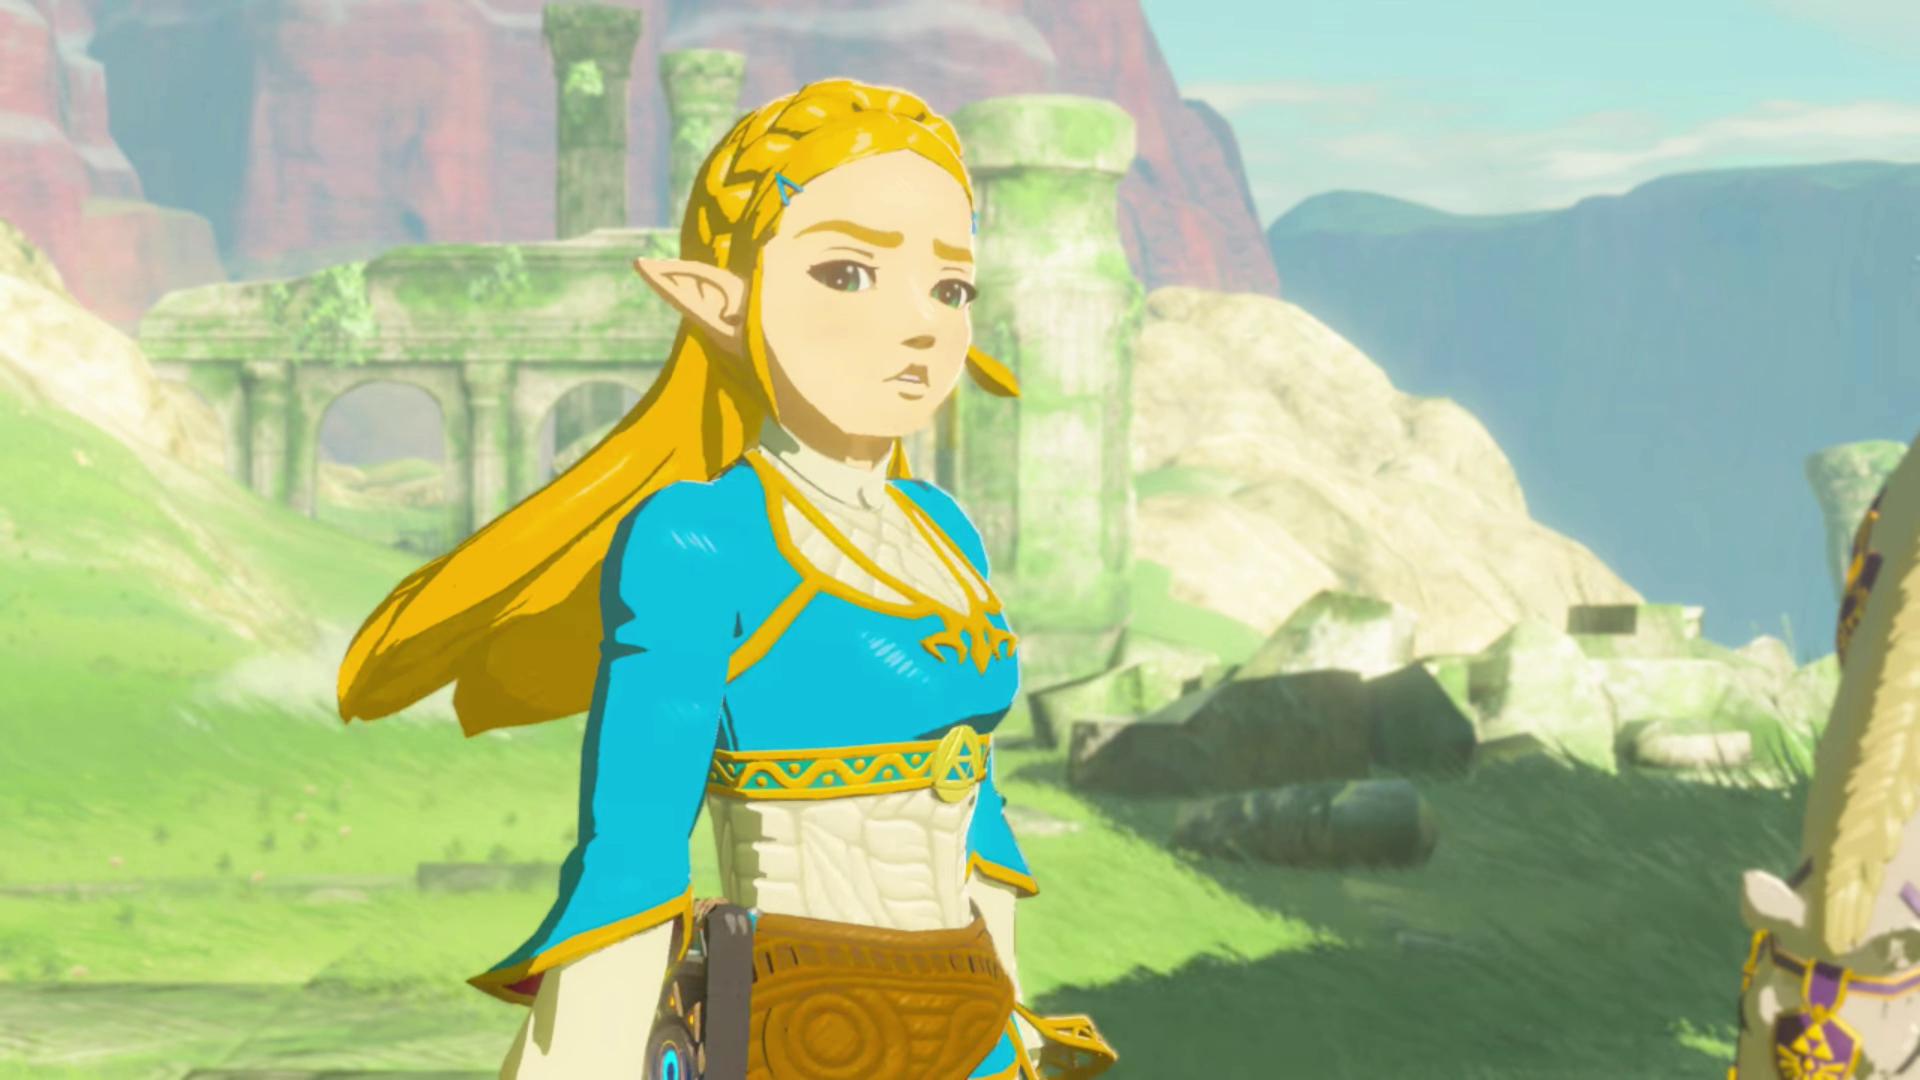 Zelda Ist Wütend Zelda Breathofthewild Screenshot Princess Zelda Art Zelda Art Breath Of The Wild